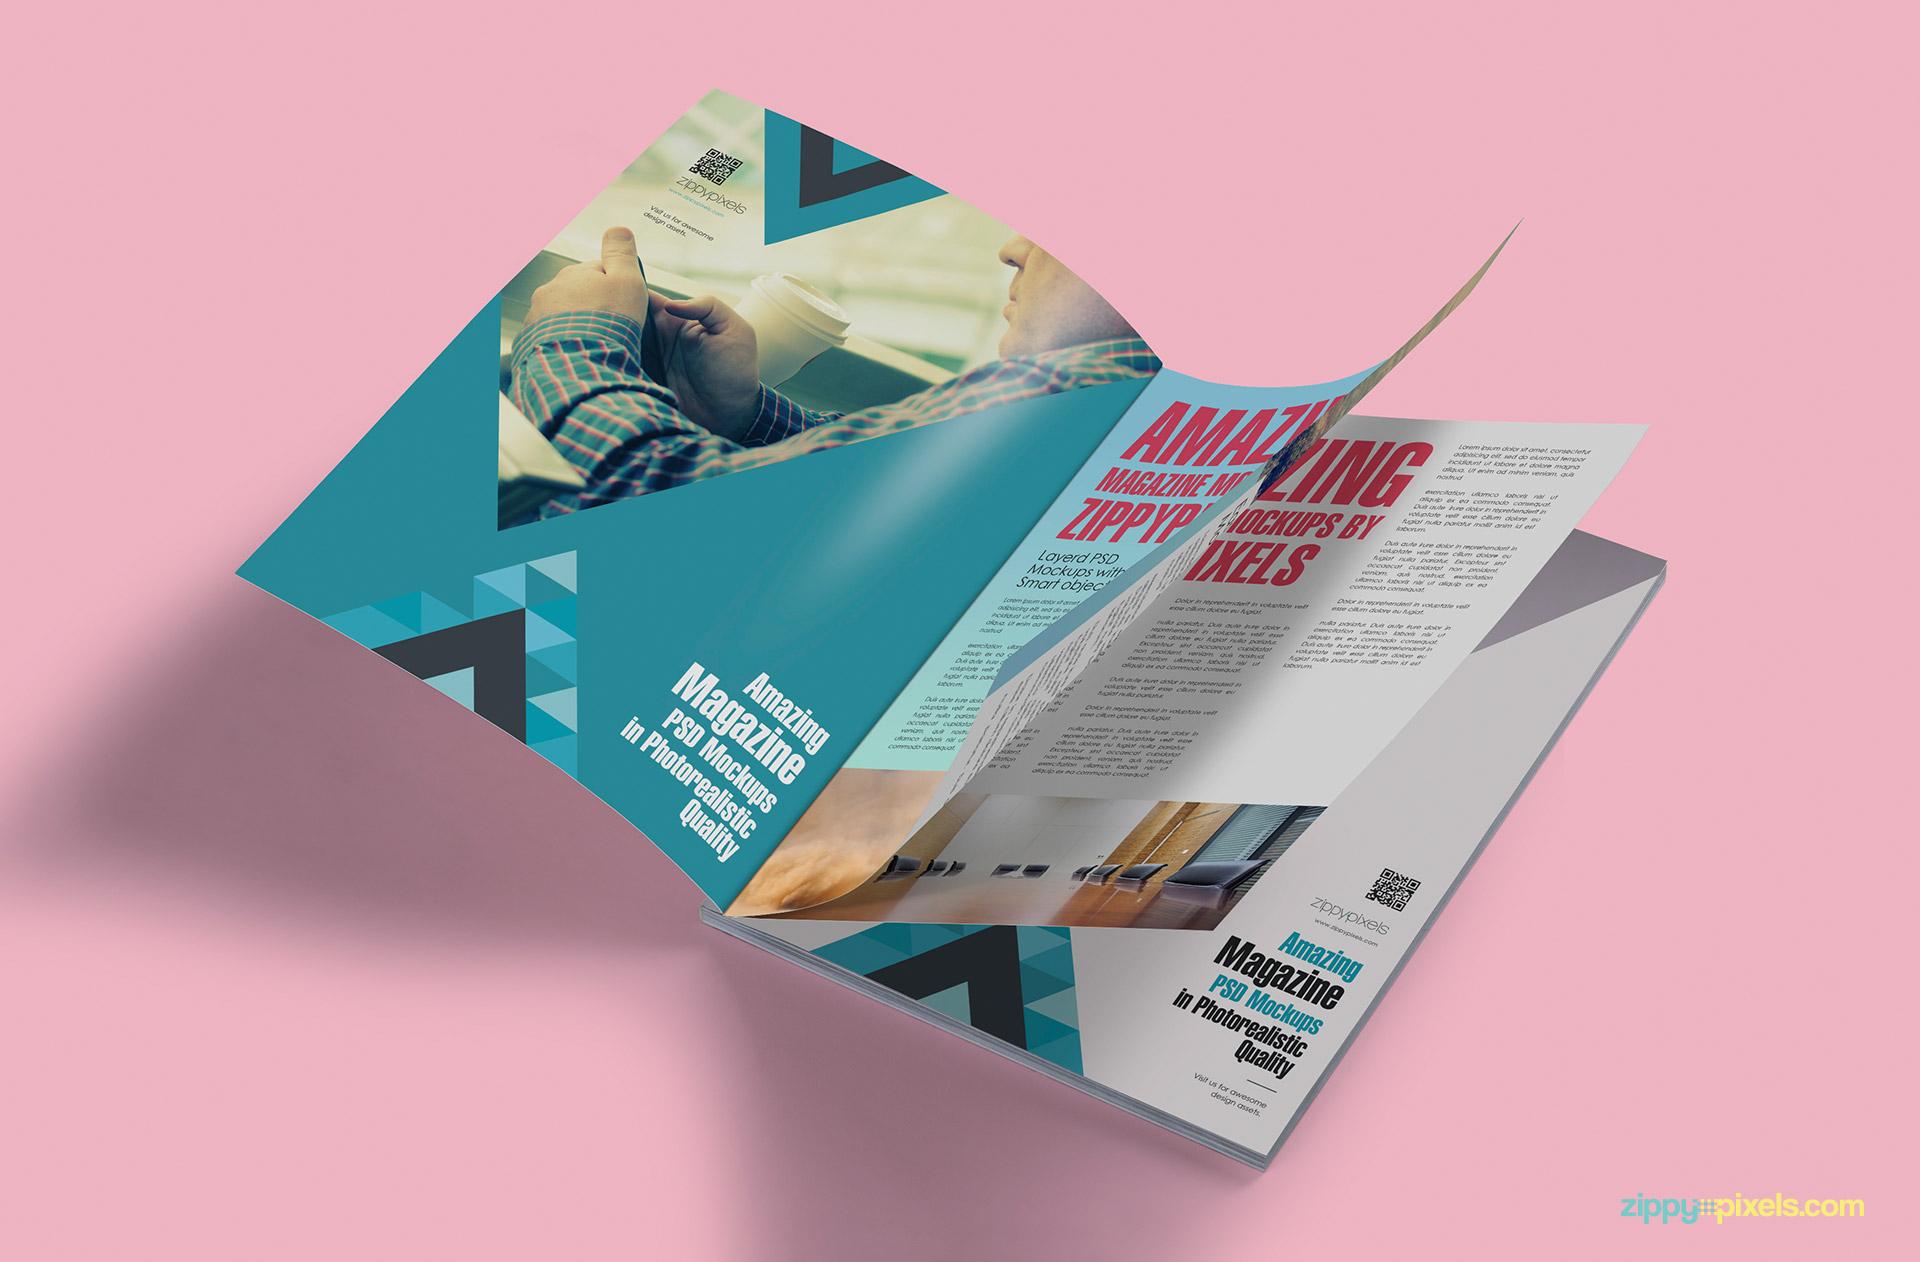 Magazine mockups showing angled view of opened magazine